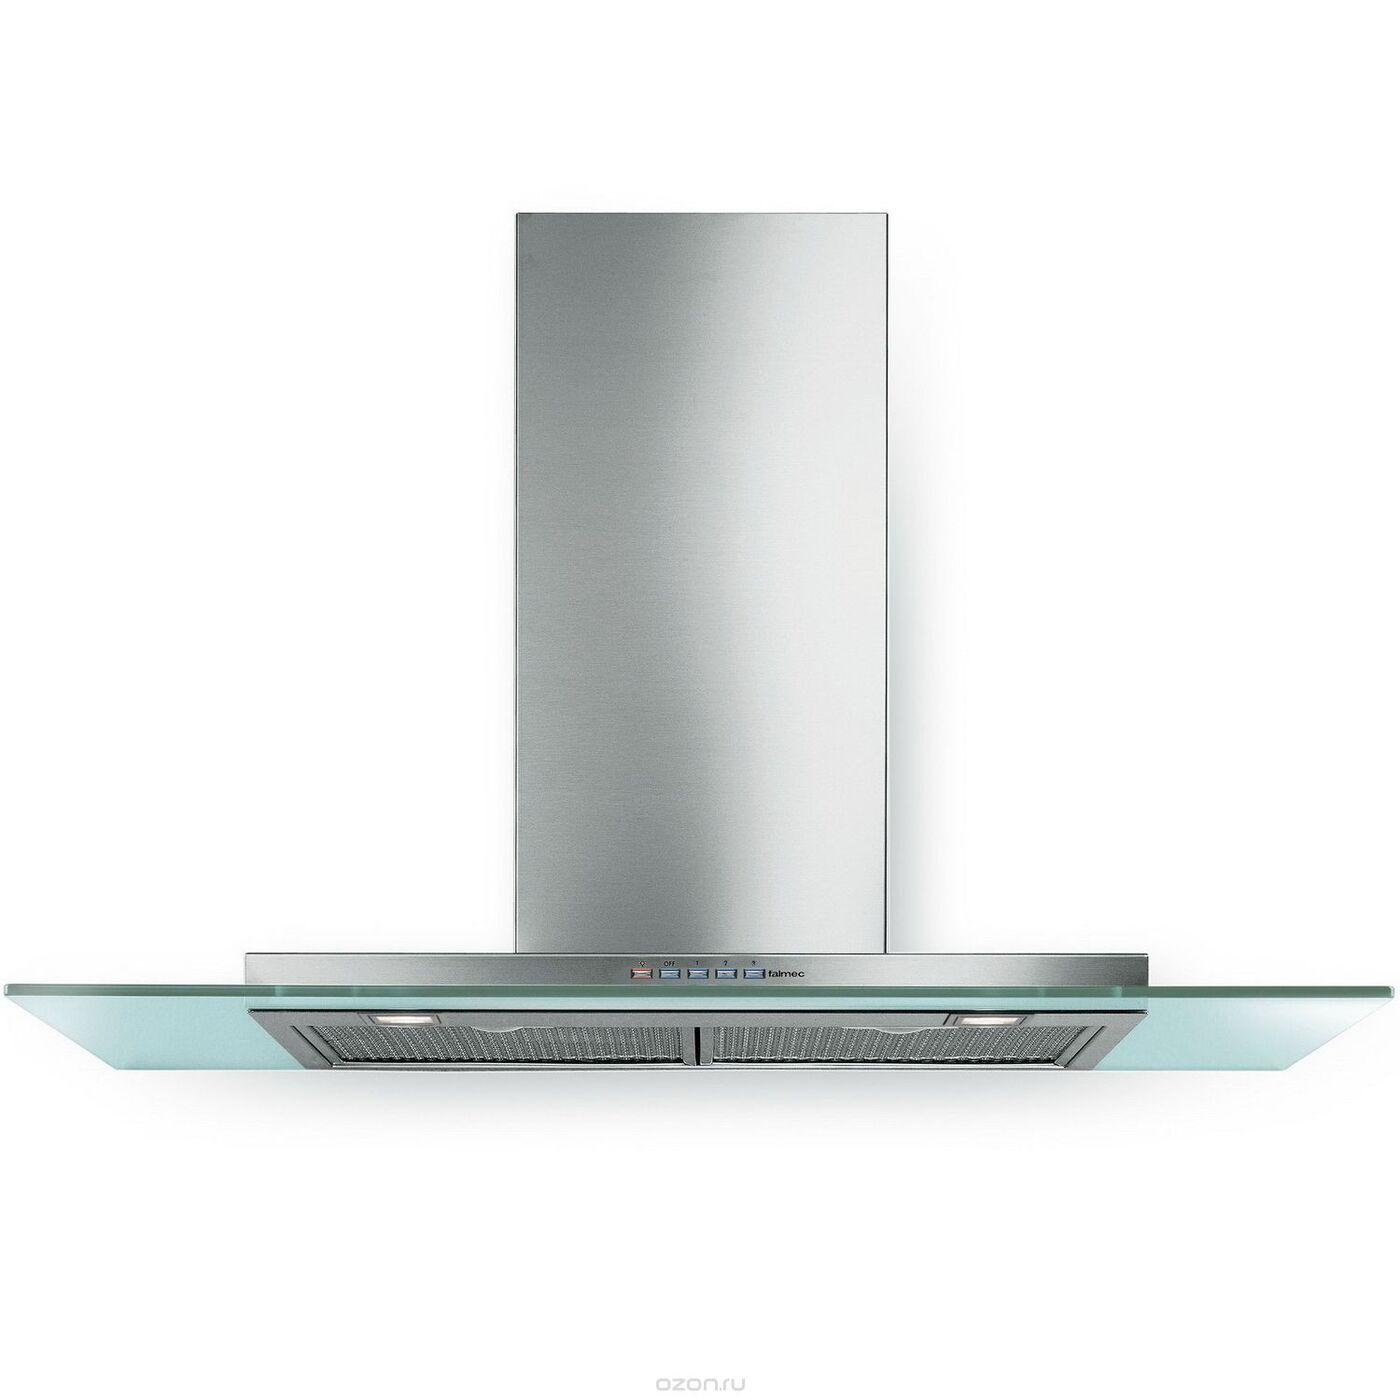 Кухонная вытяжка FALMEC KRISTAL 90 IX (600)